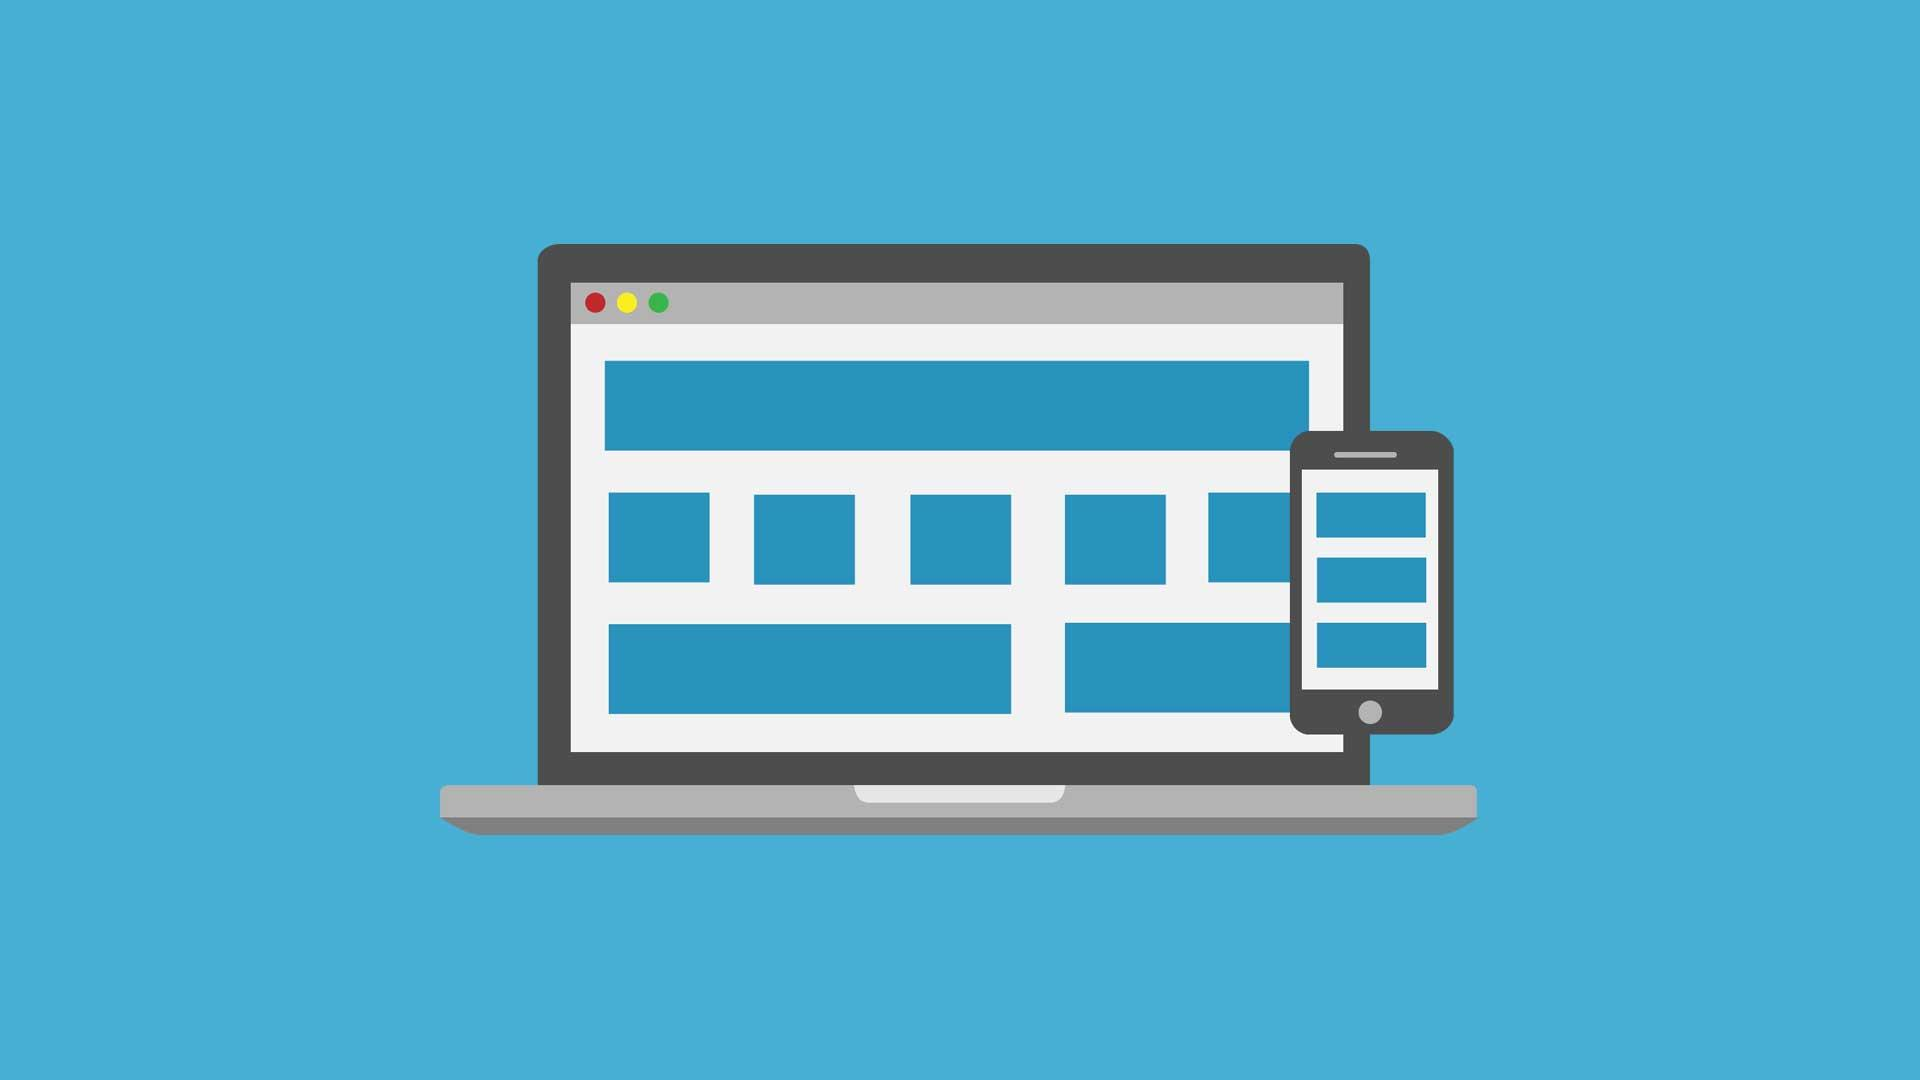 CSS FlexBox, trabalhando de forma otimizada com display flex